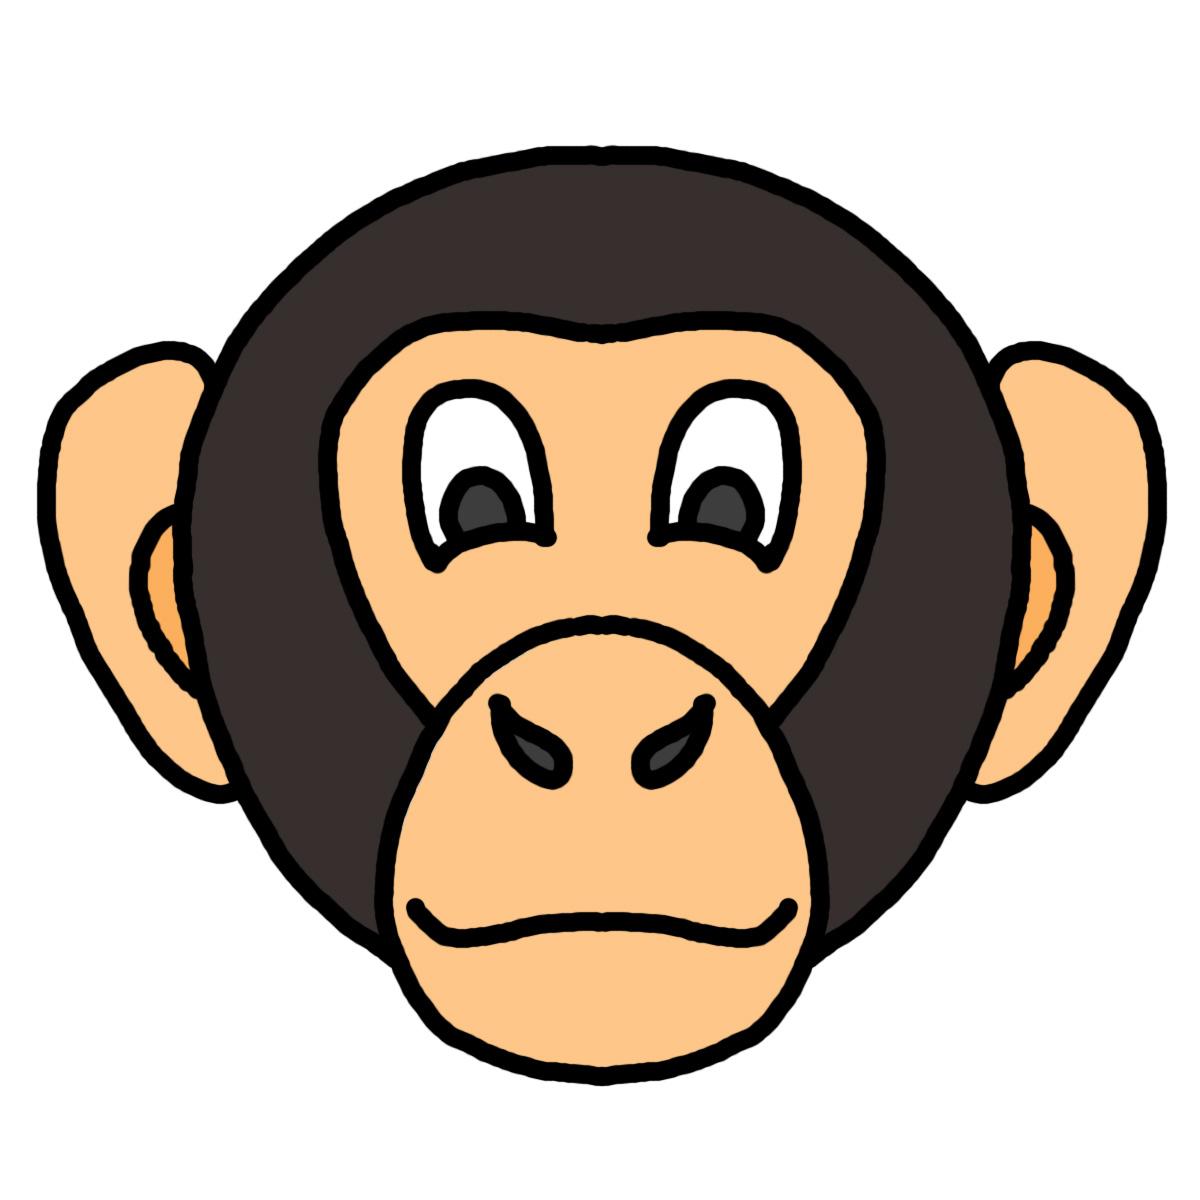 Cartoon Gorilla Face - Cliparts.co